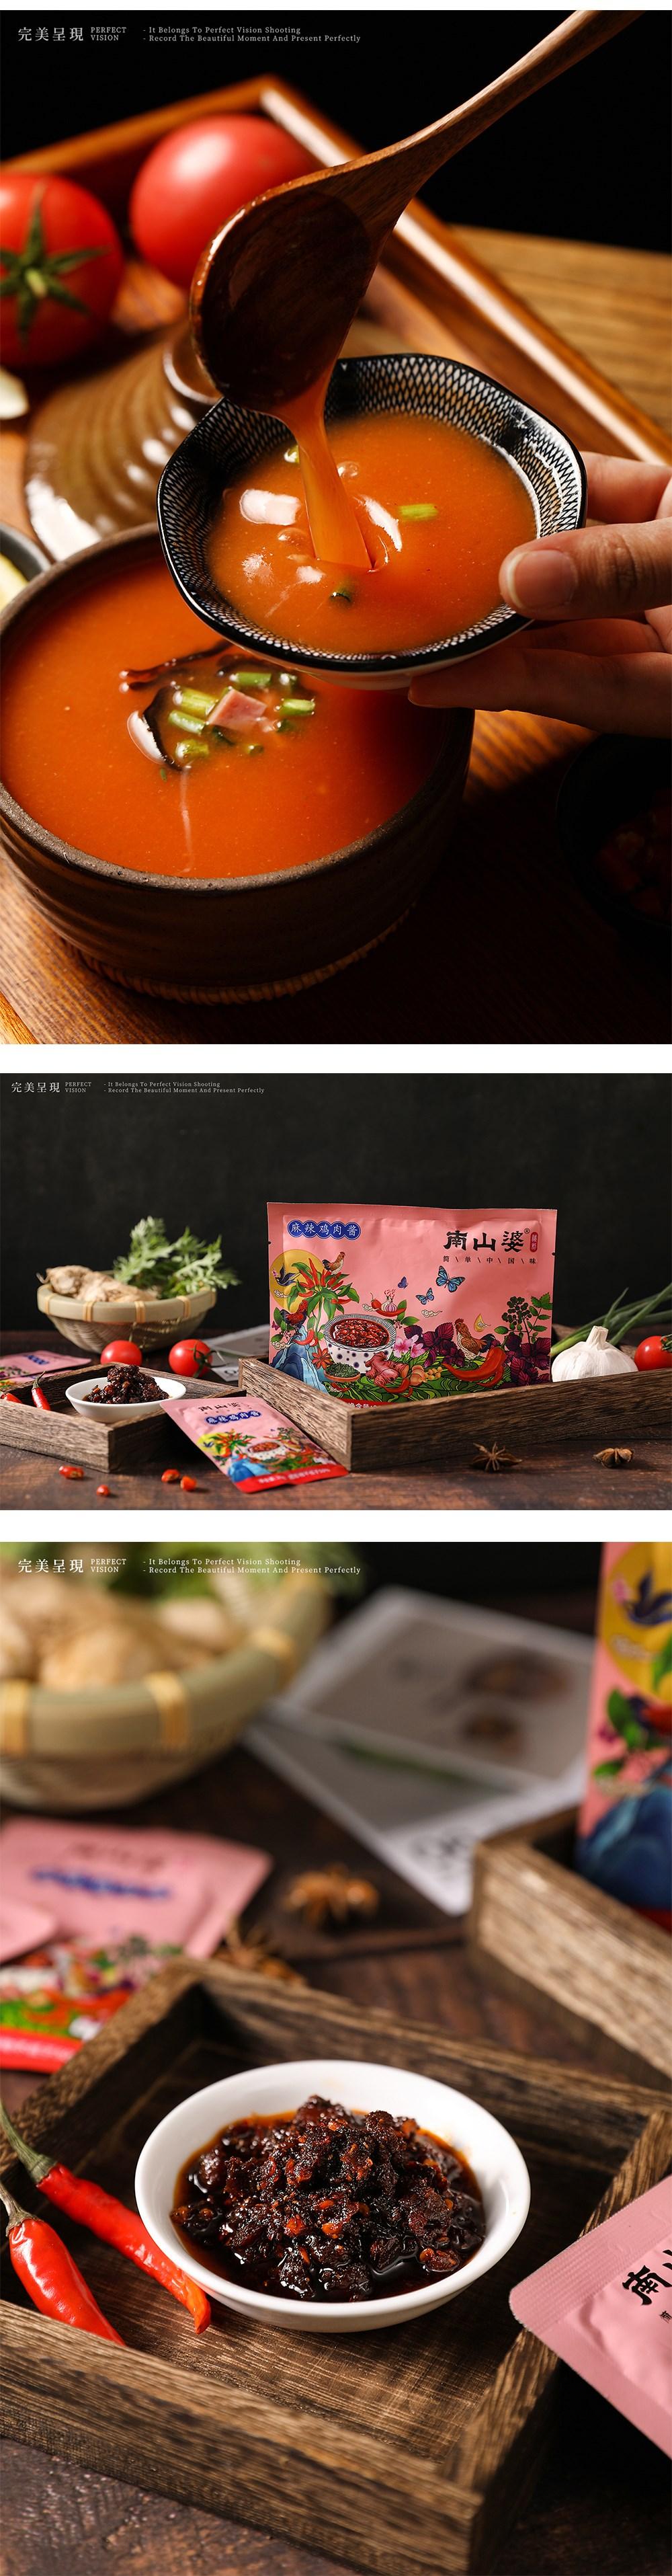 美食摄影丨南山婆 x 完美呈现